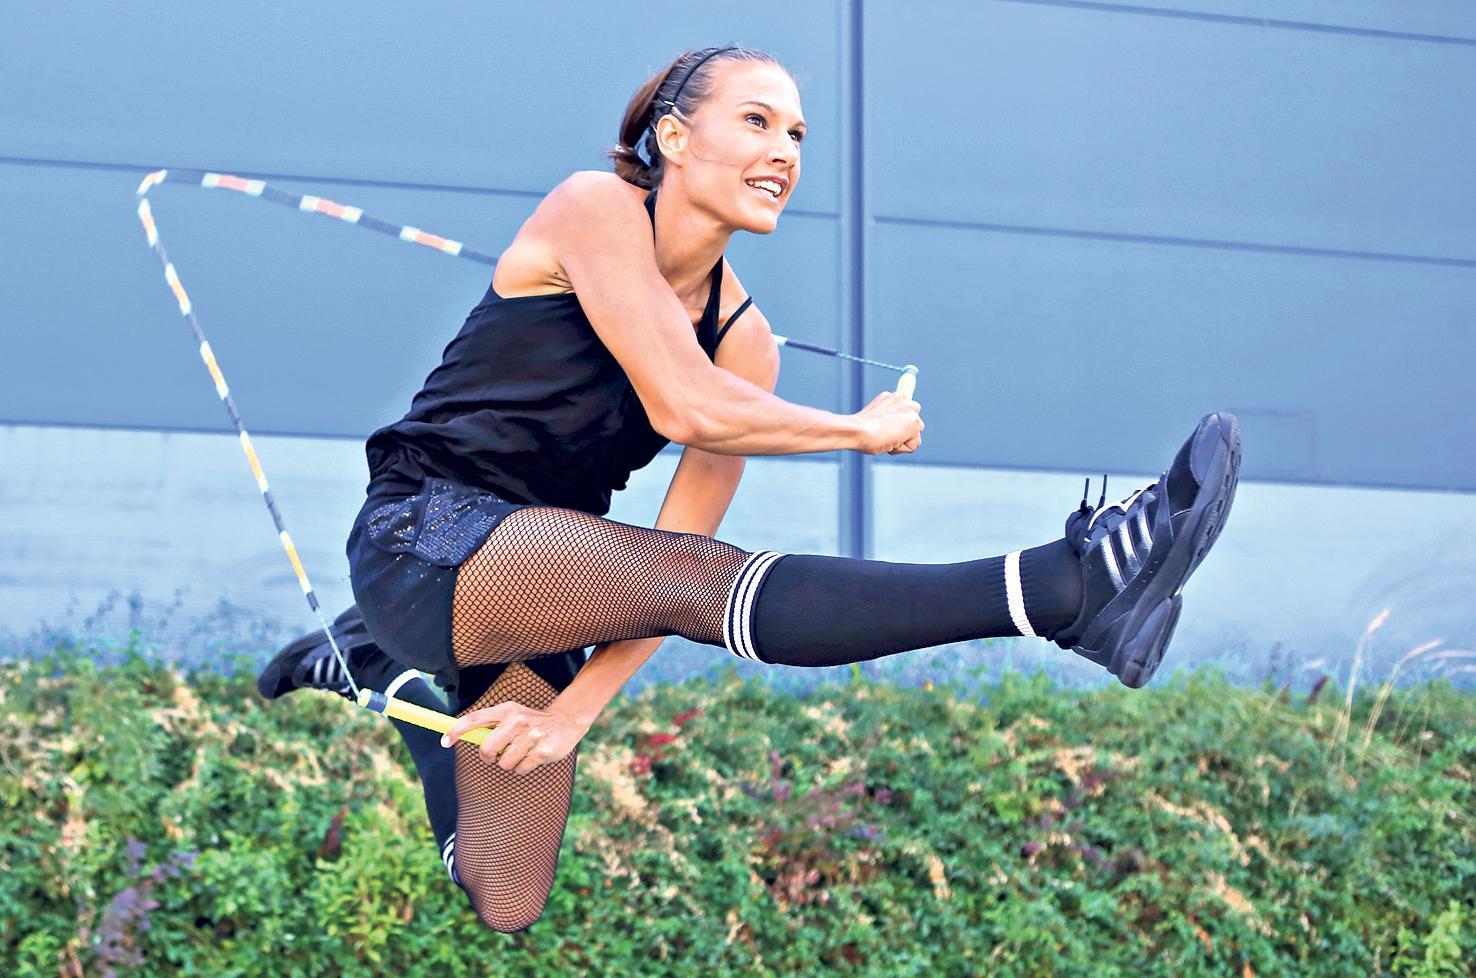 Kto by pomyślał że skakanie na skakance może się stać sposobem na życie